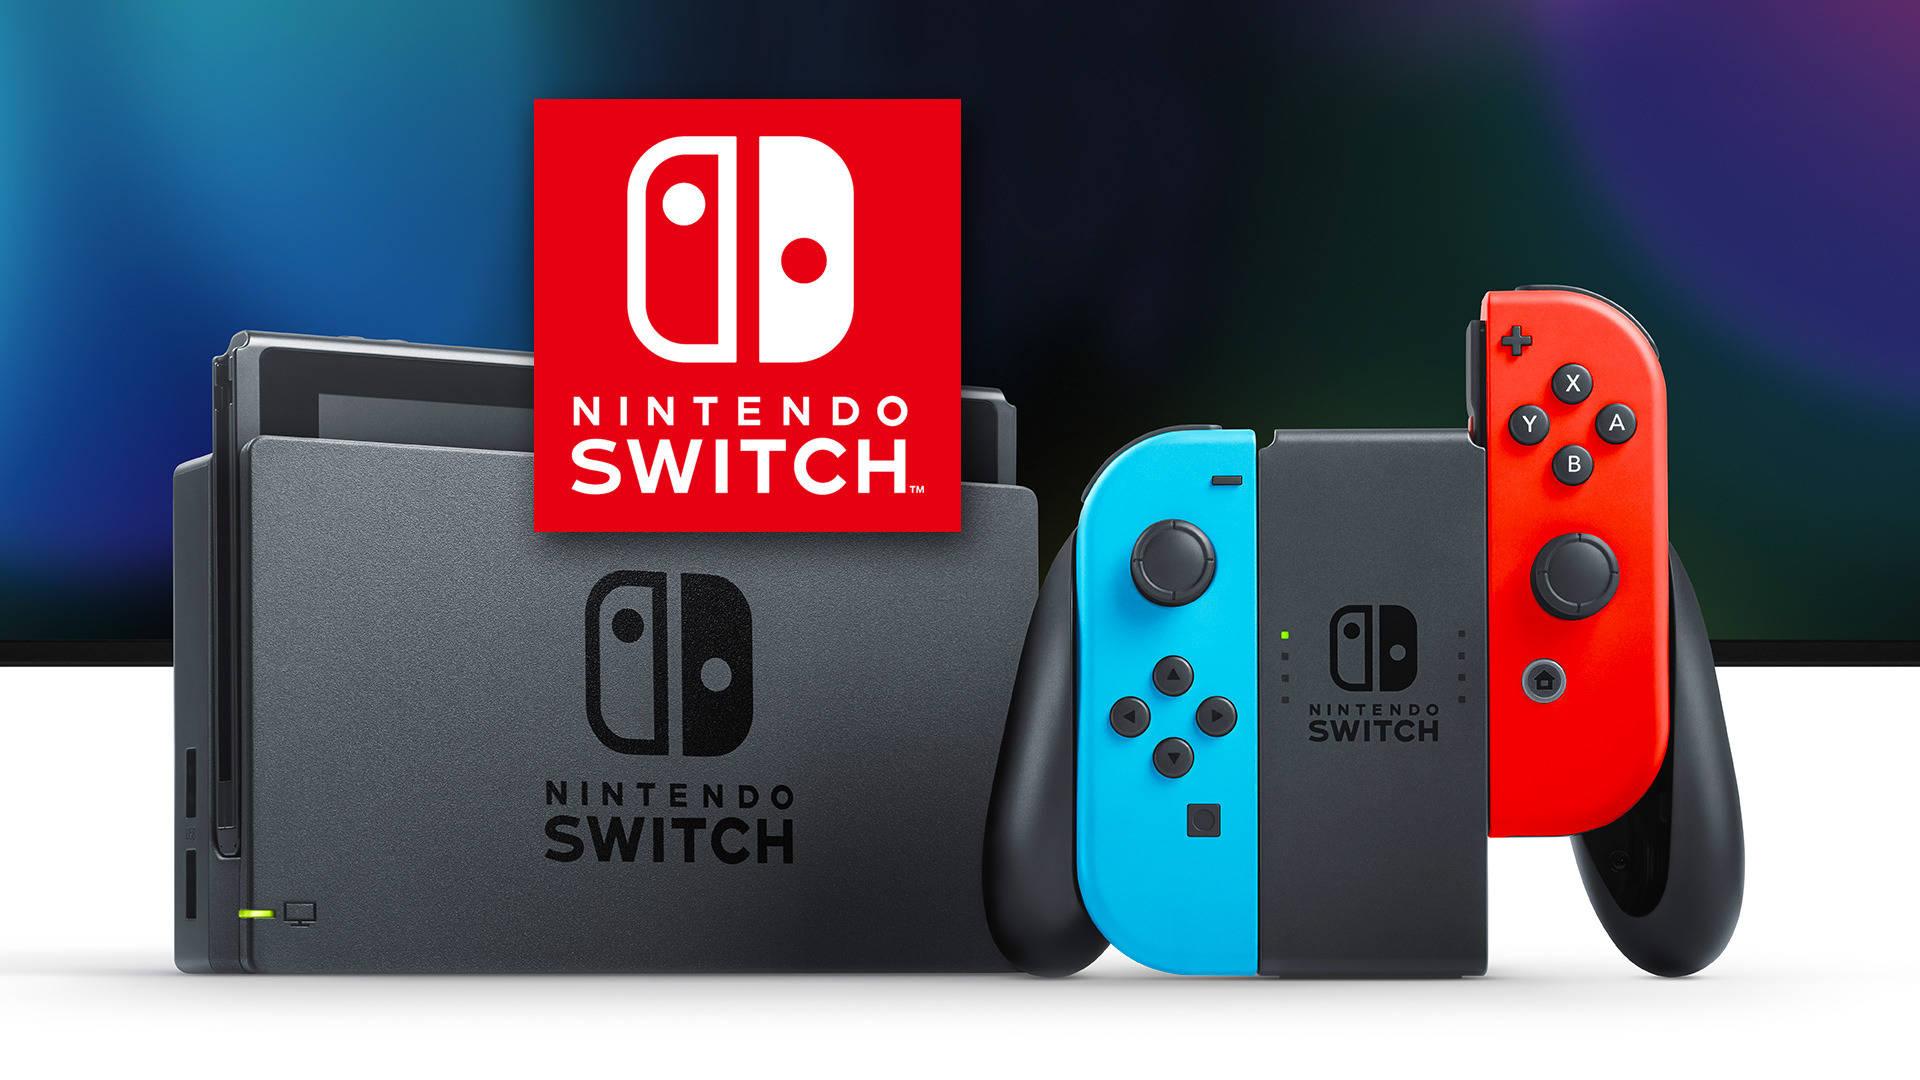 Nintendo Swtich - Console